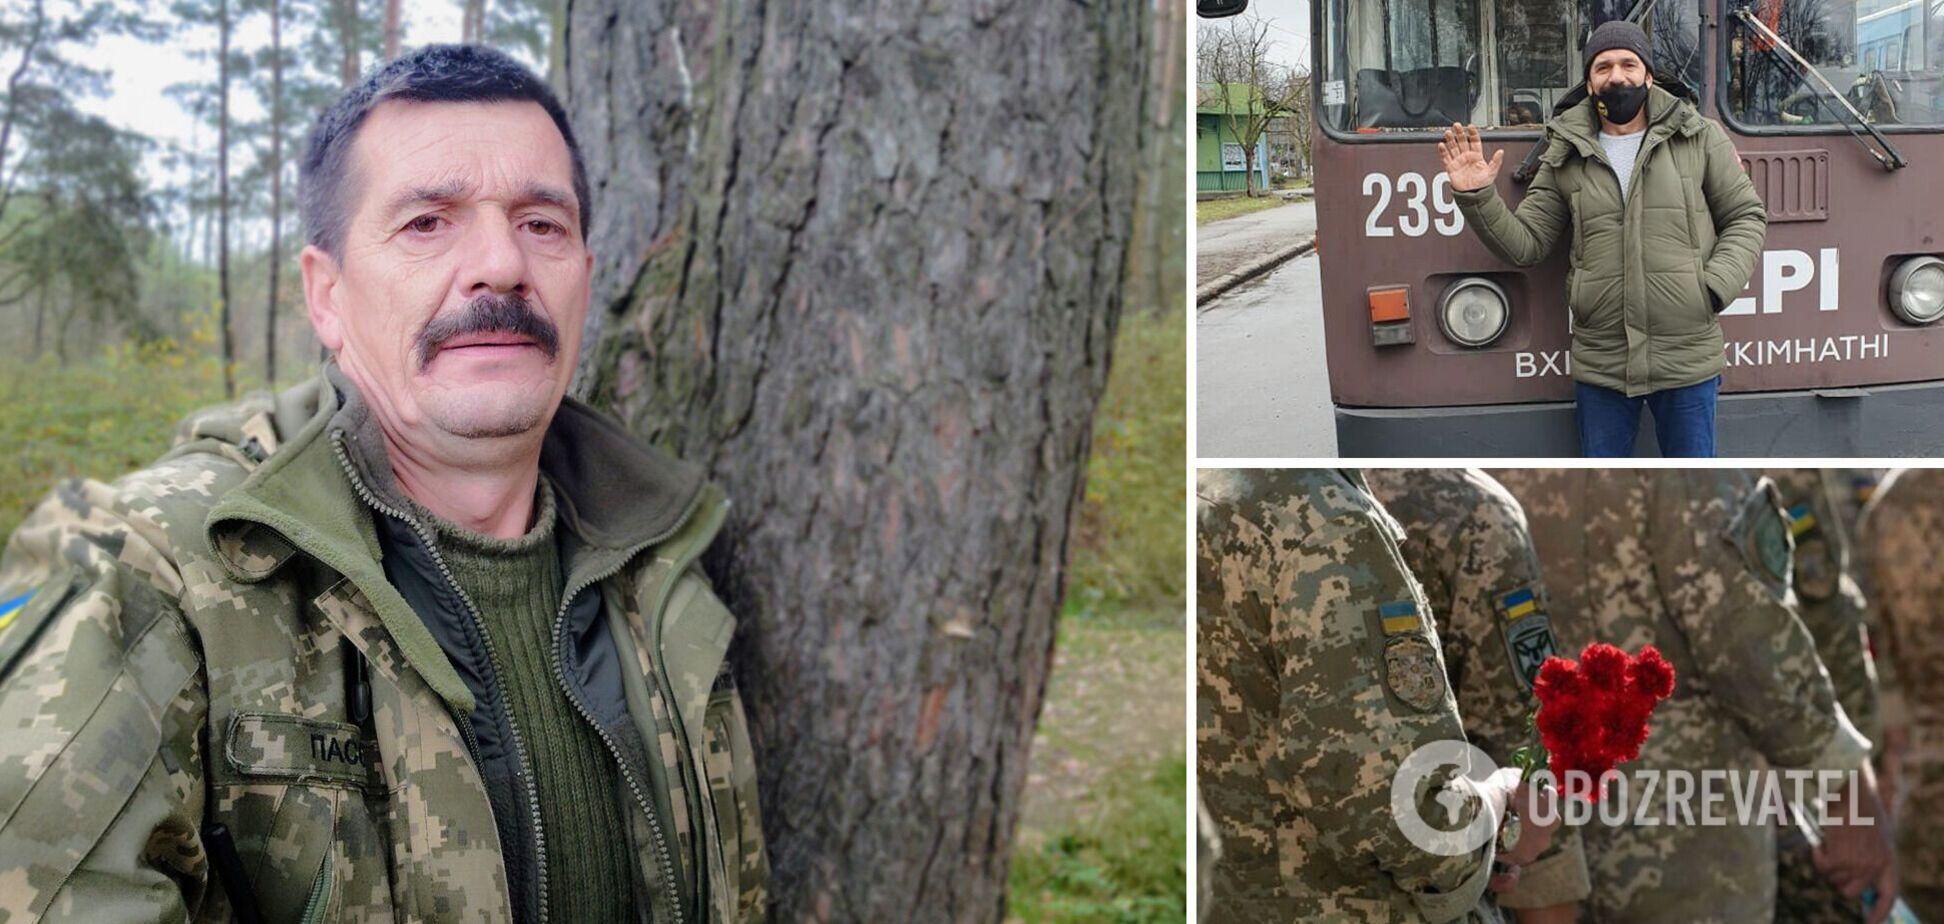 'Я должен быть там!' На Донбассе убили защитника Украины, у него остались дочь и внуки